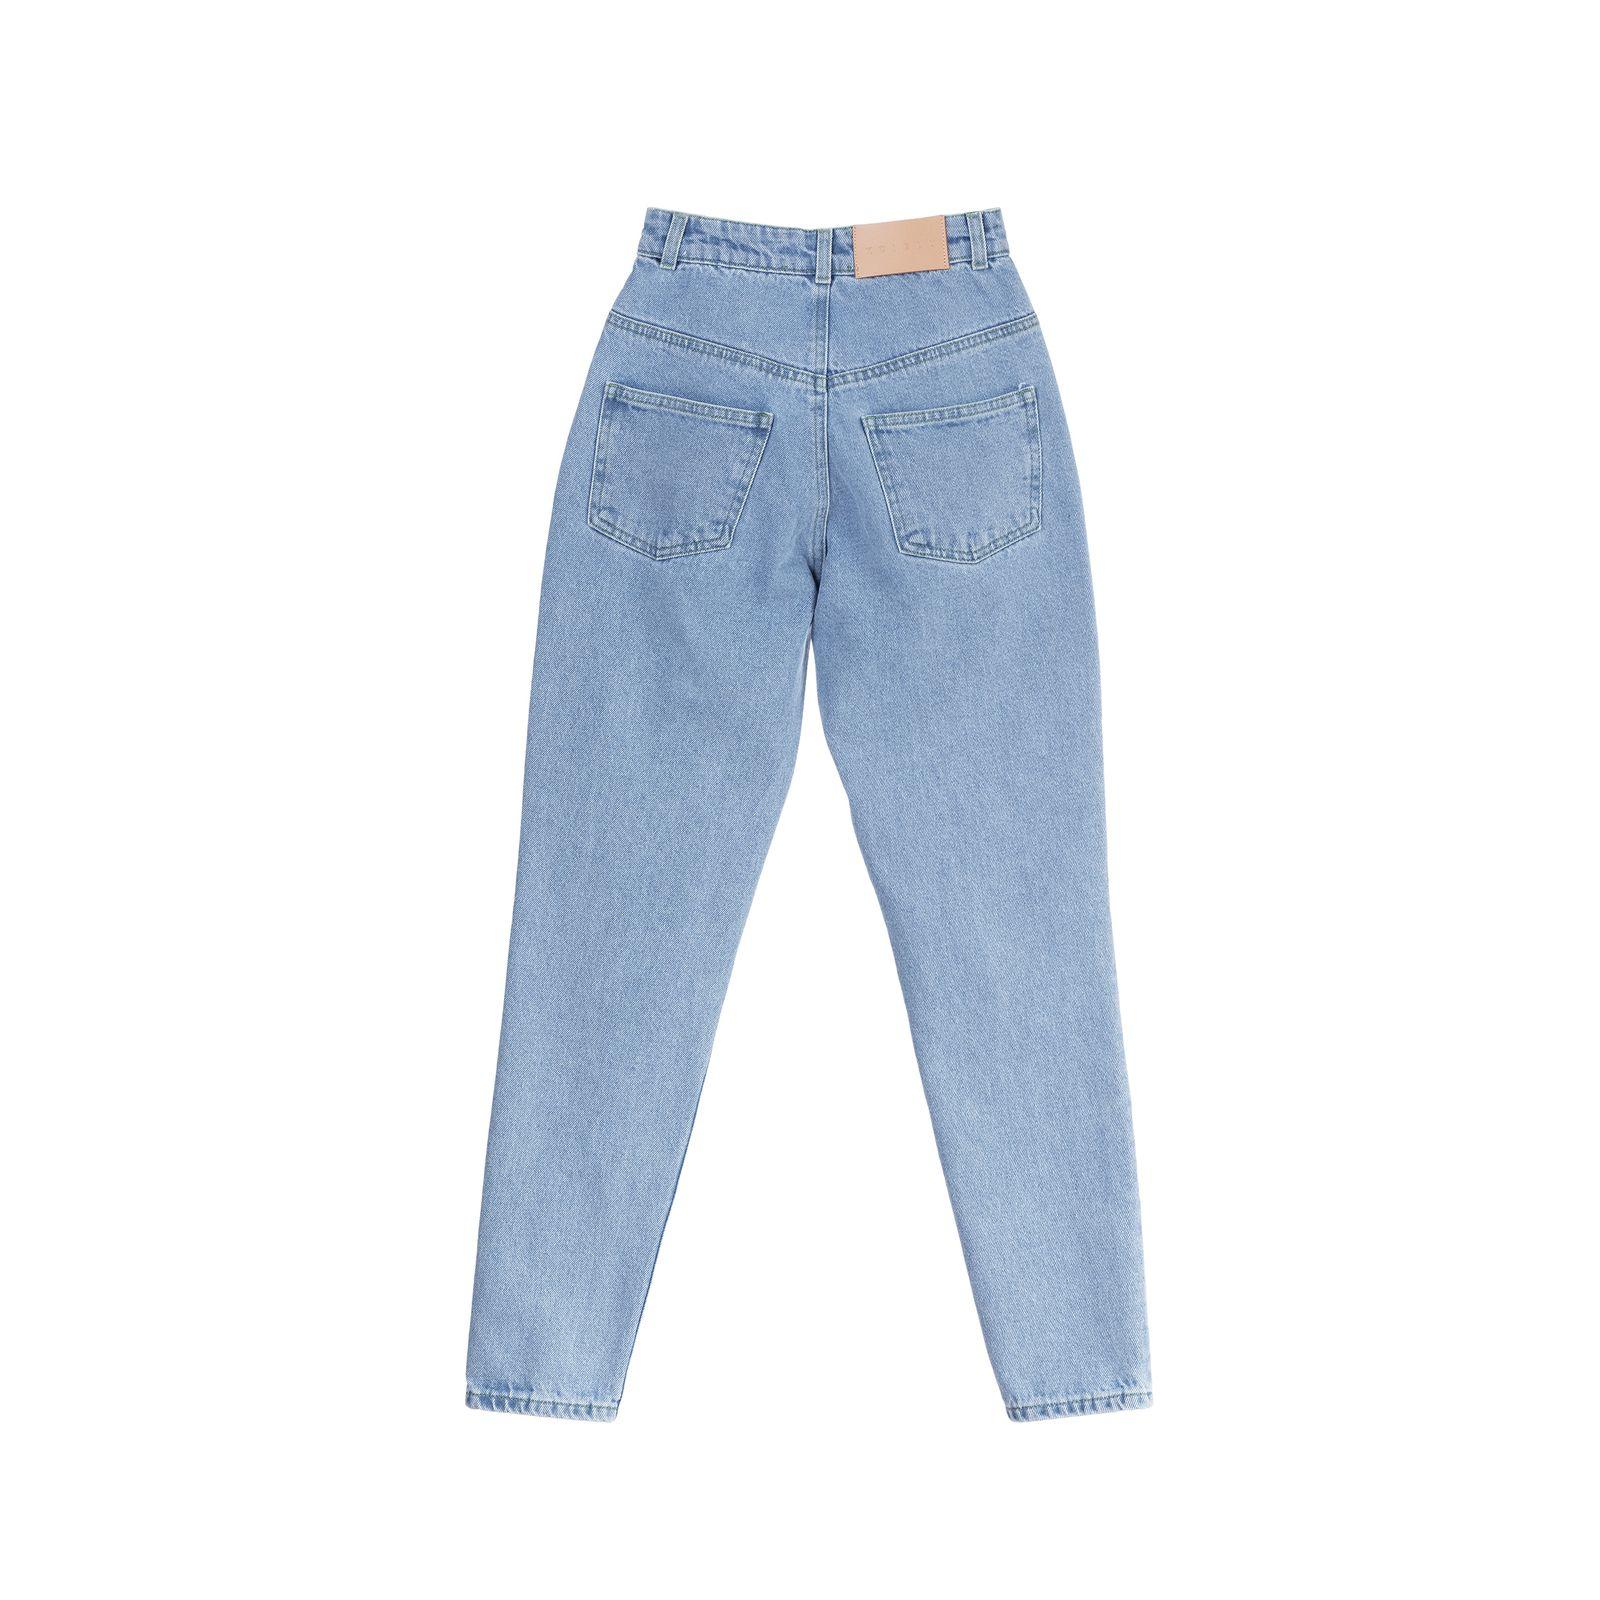 شلوار جین زنانه کوی مدل نامادری رنگ آبی روشن -  - 2